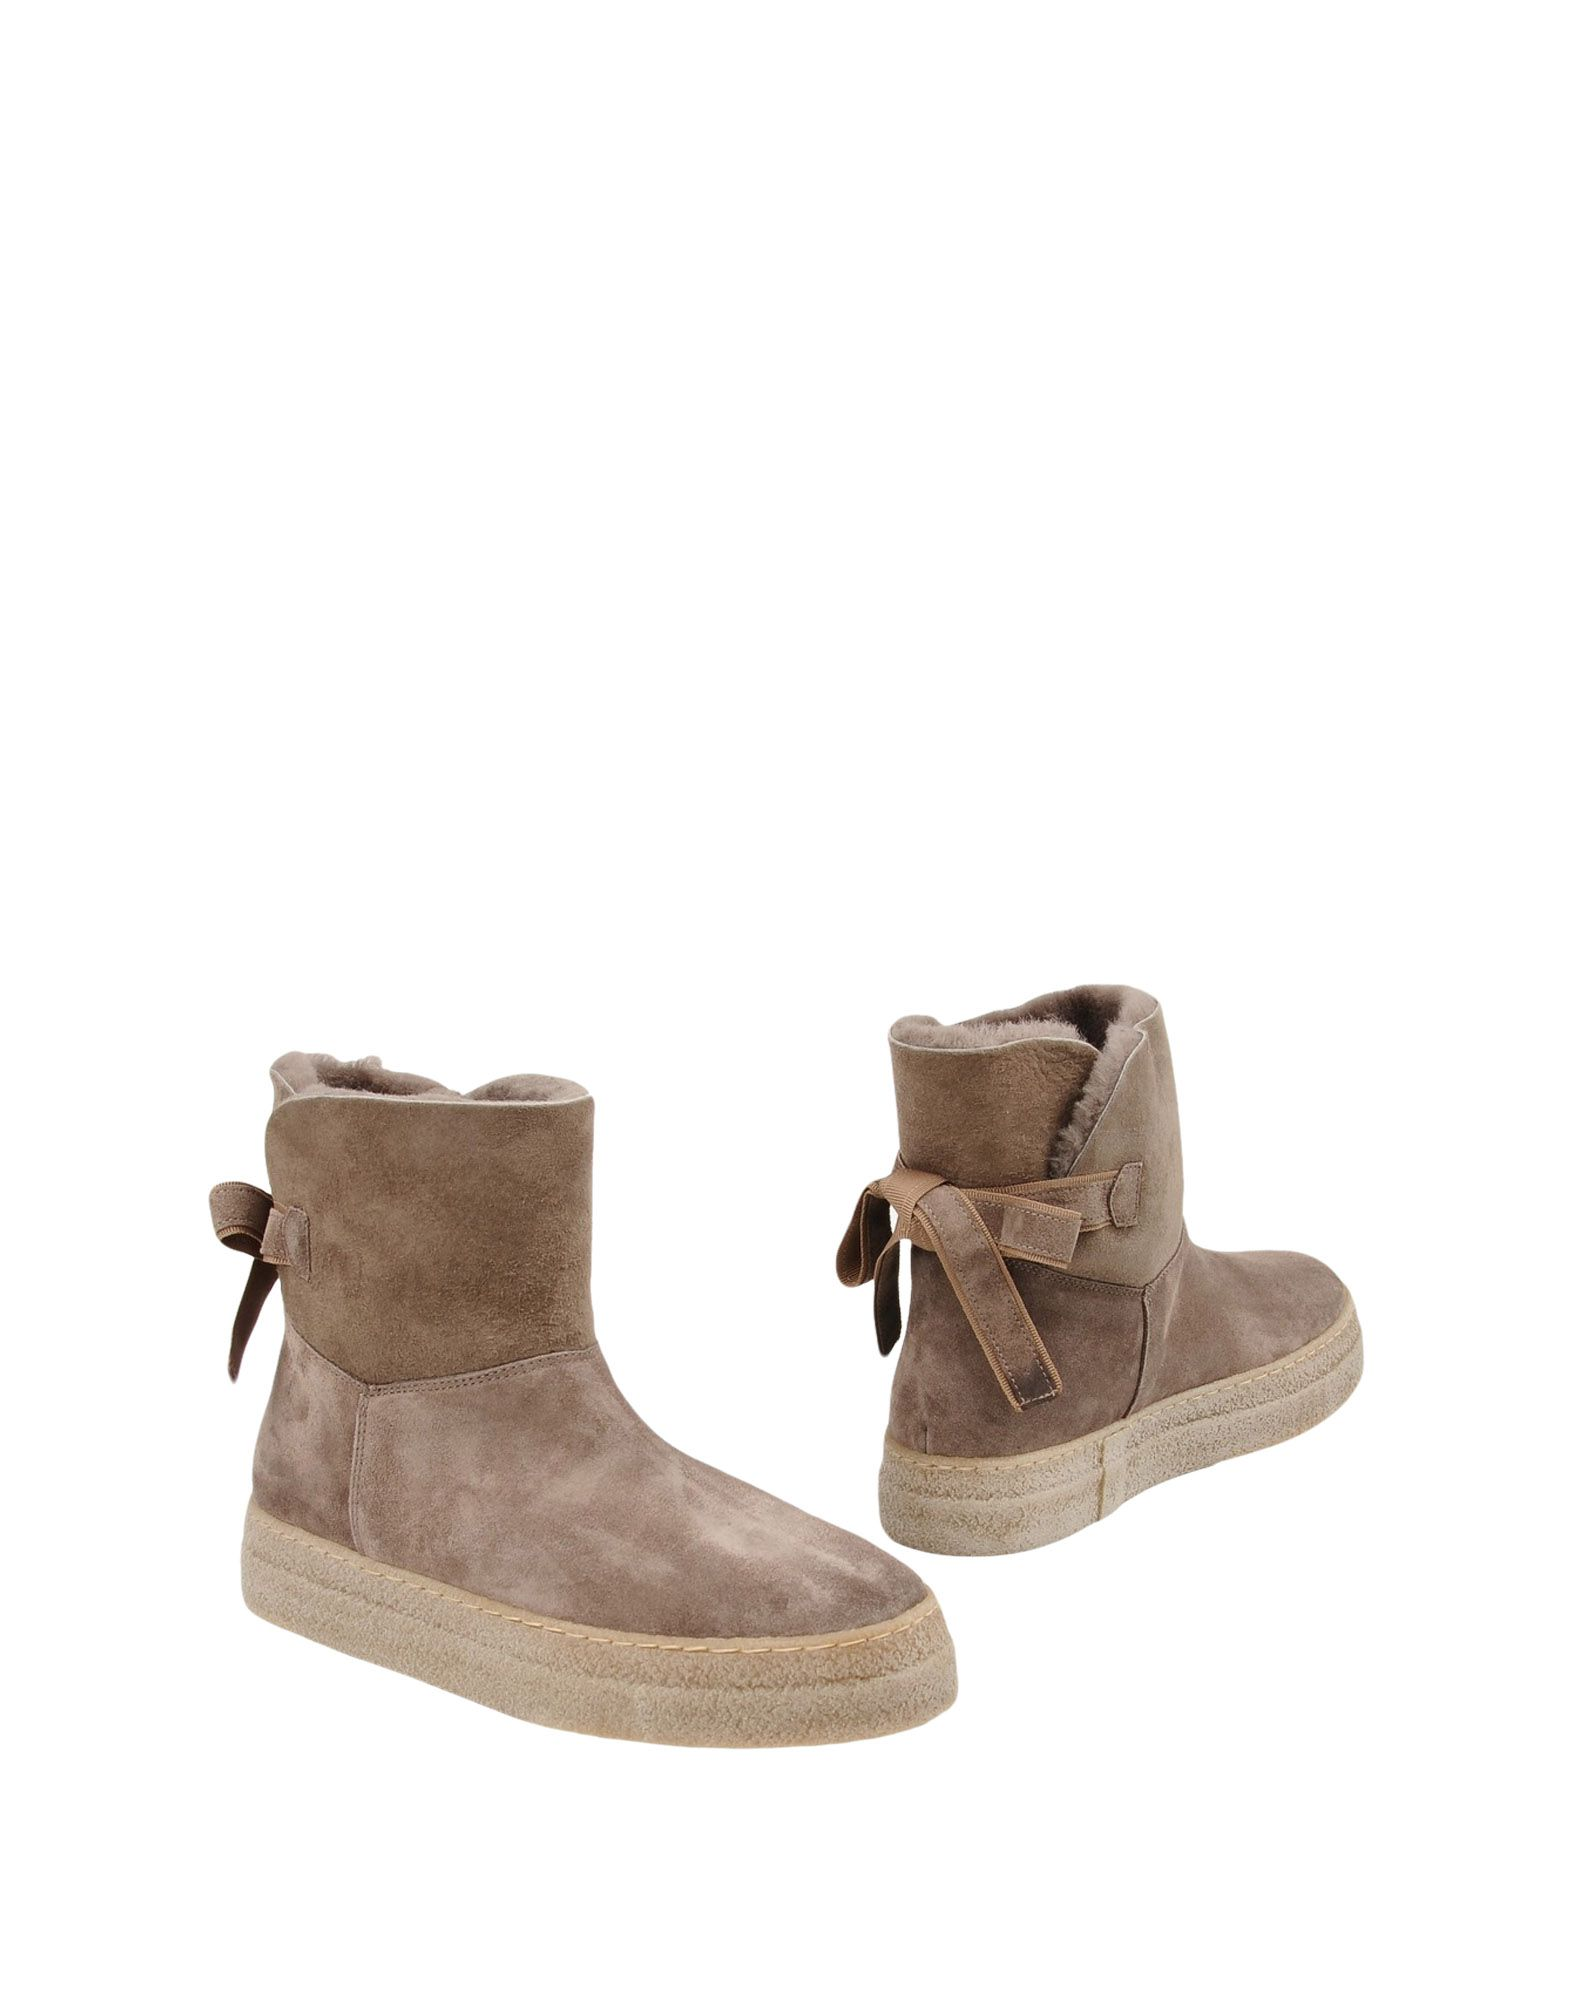 цены на STEFANO GAMBA Полусапоги и высокие ботинки в интернет-магазинах